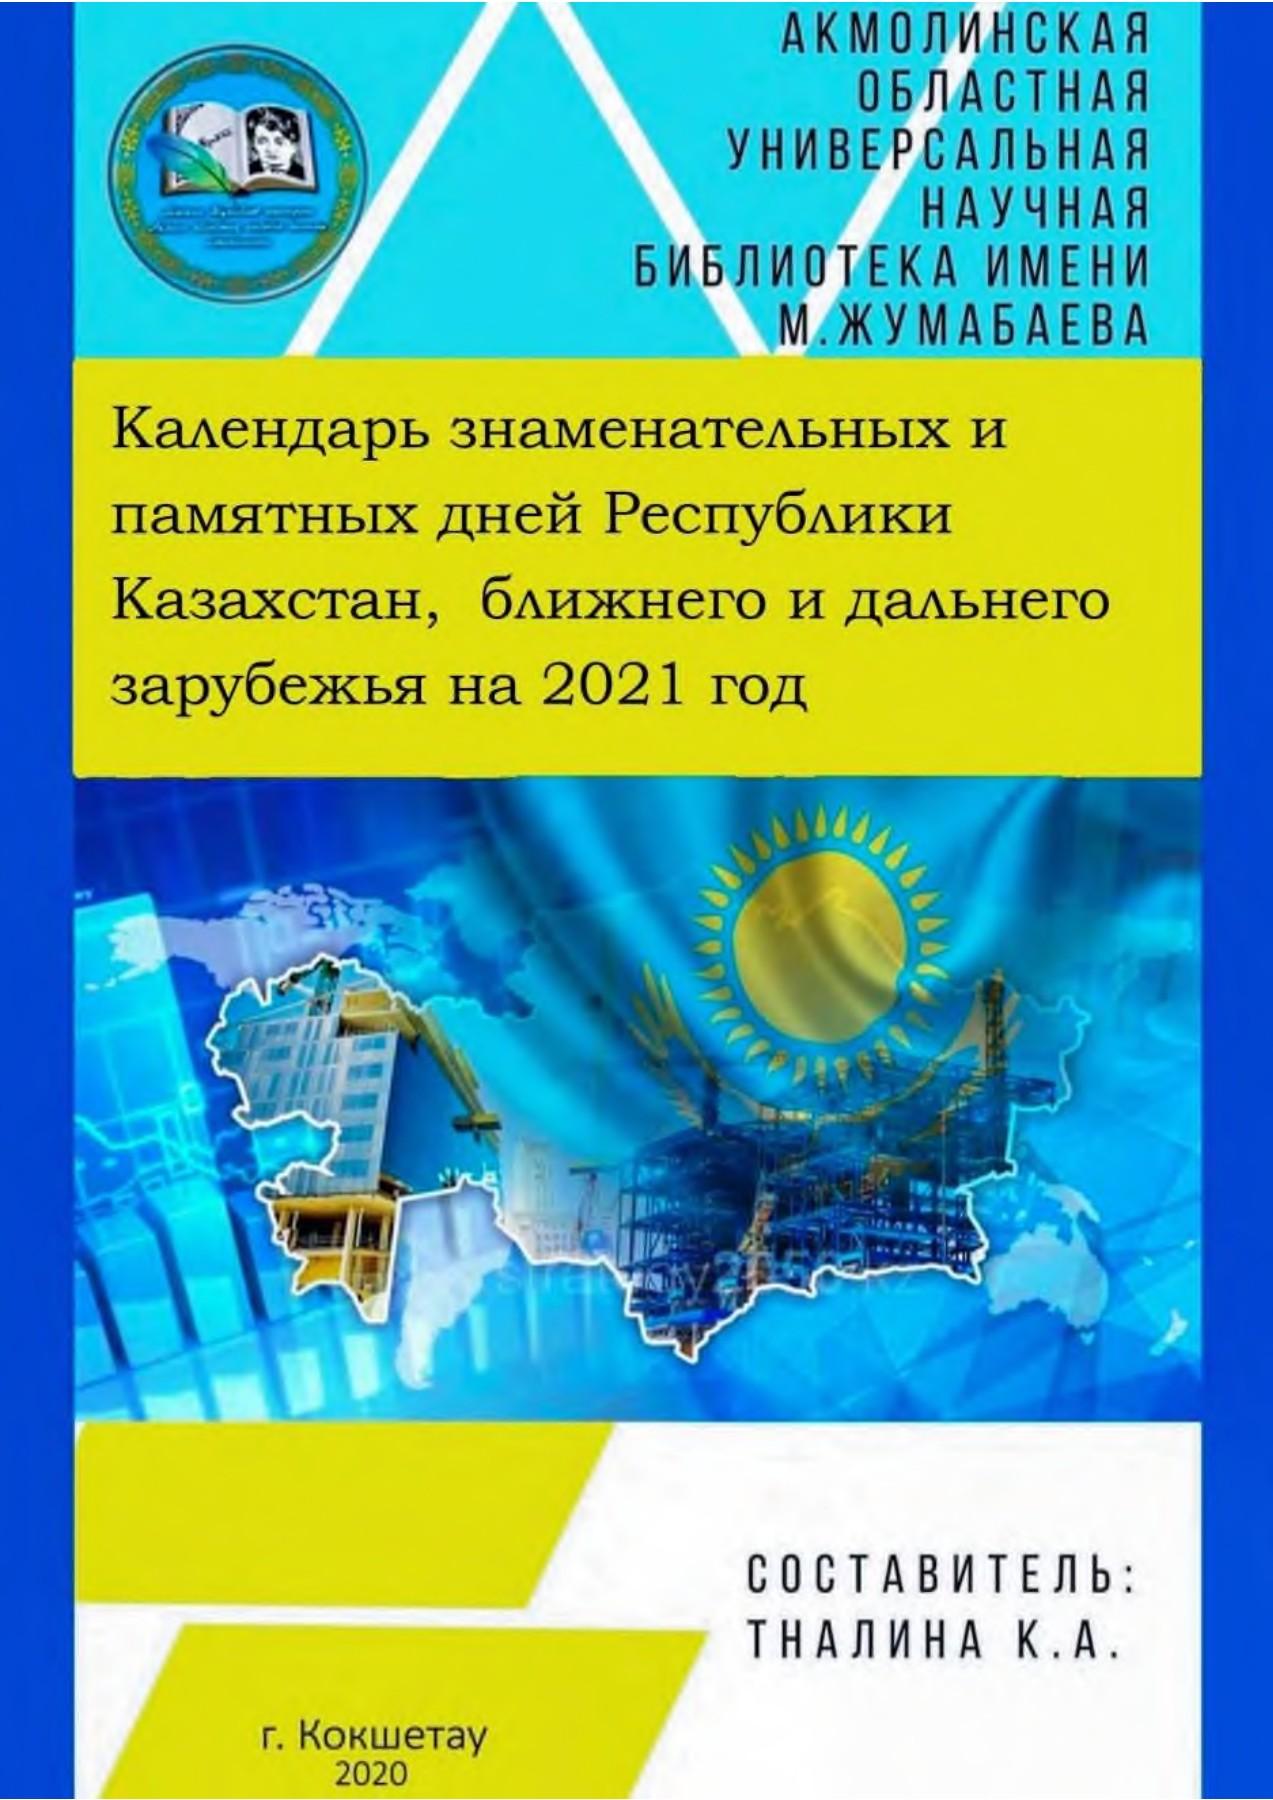 4047 Календарь знаменательных и памятных дат Украины на 2021 год